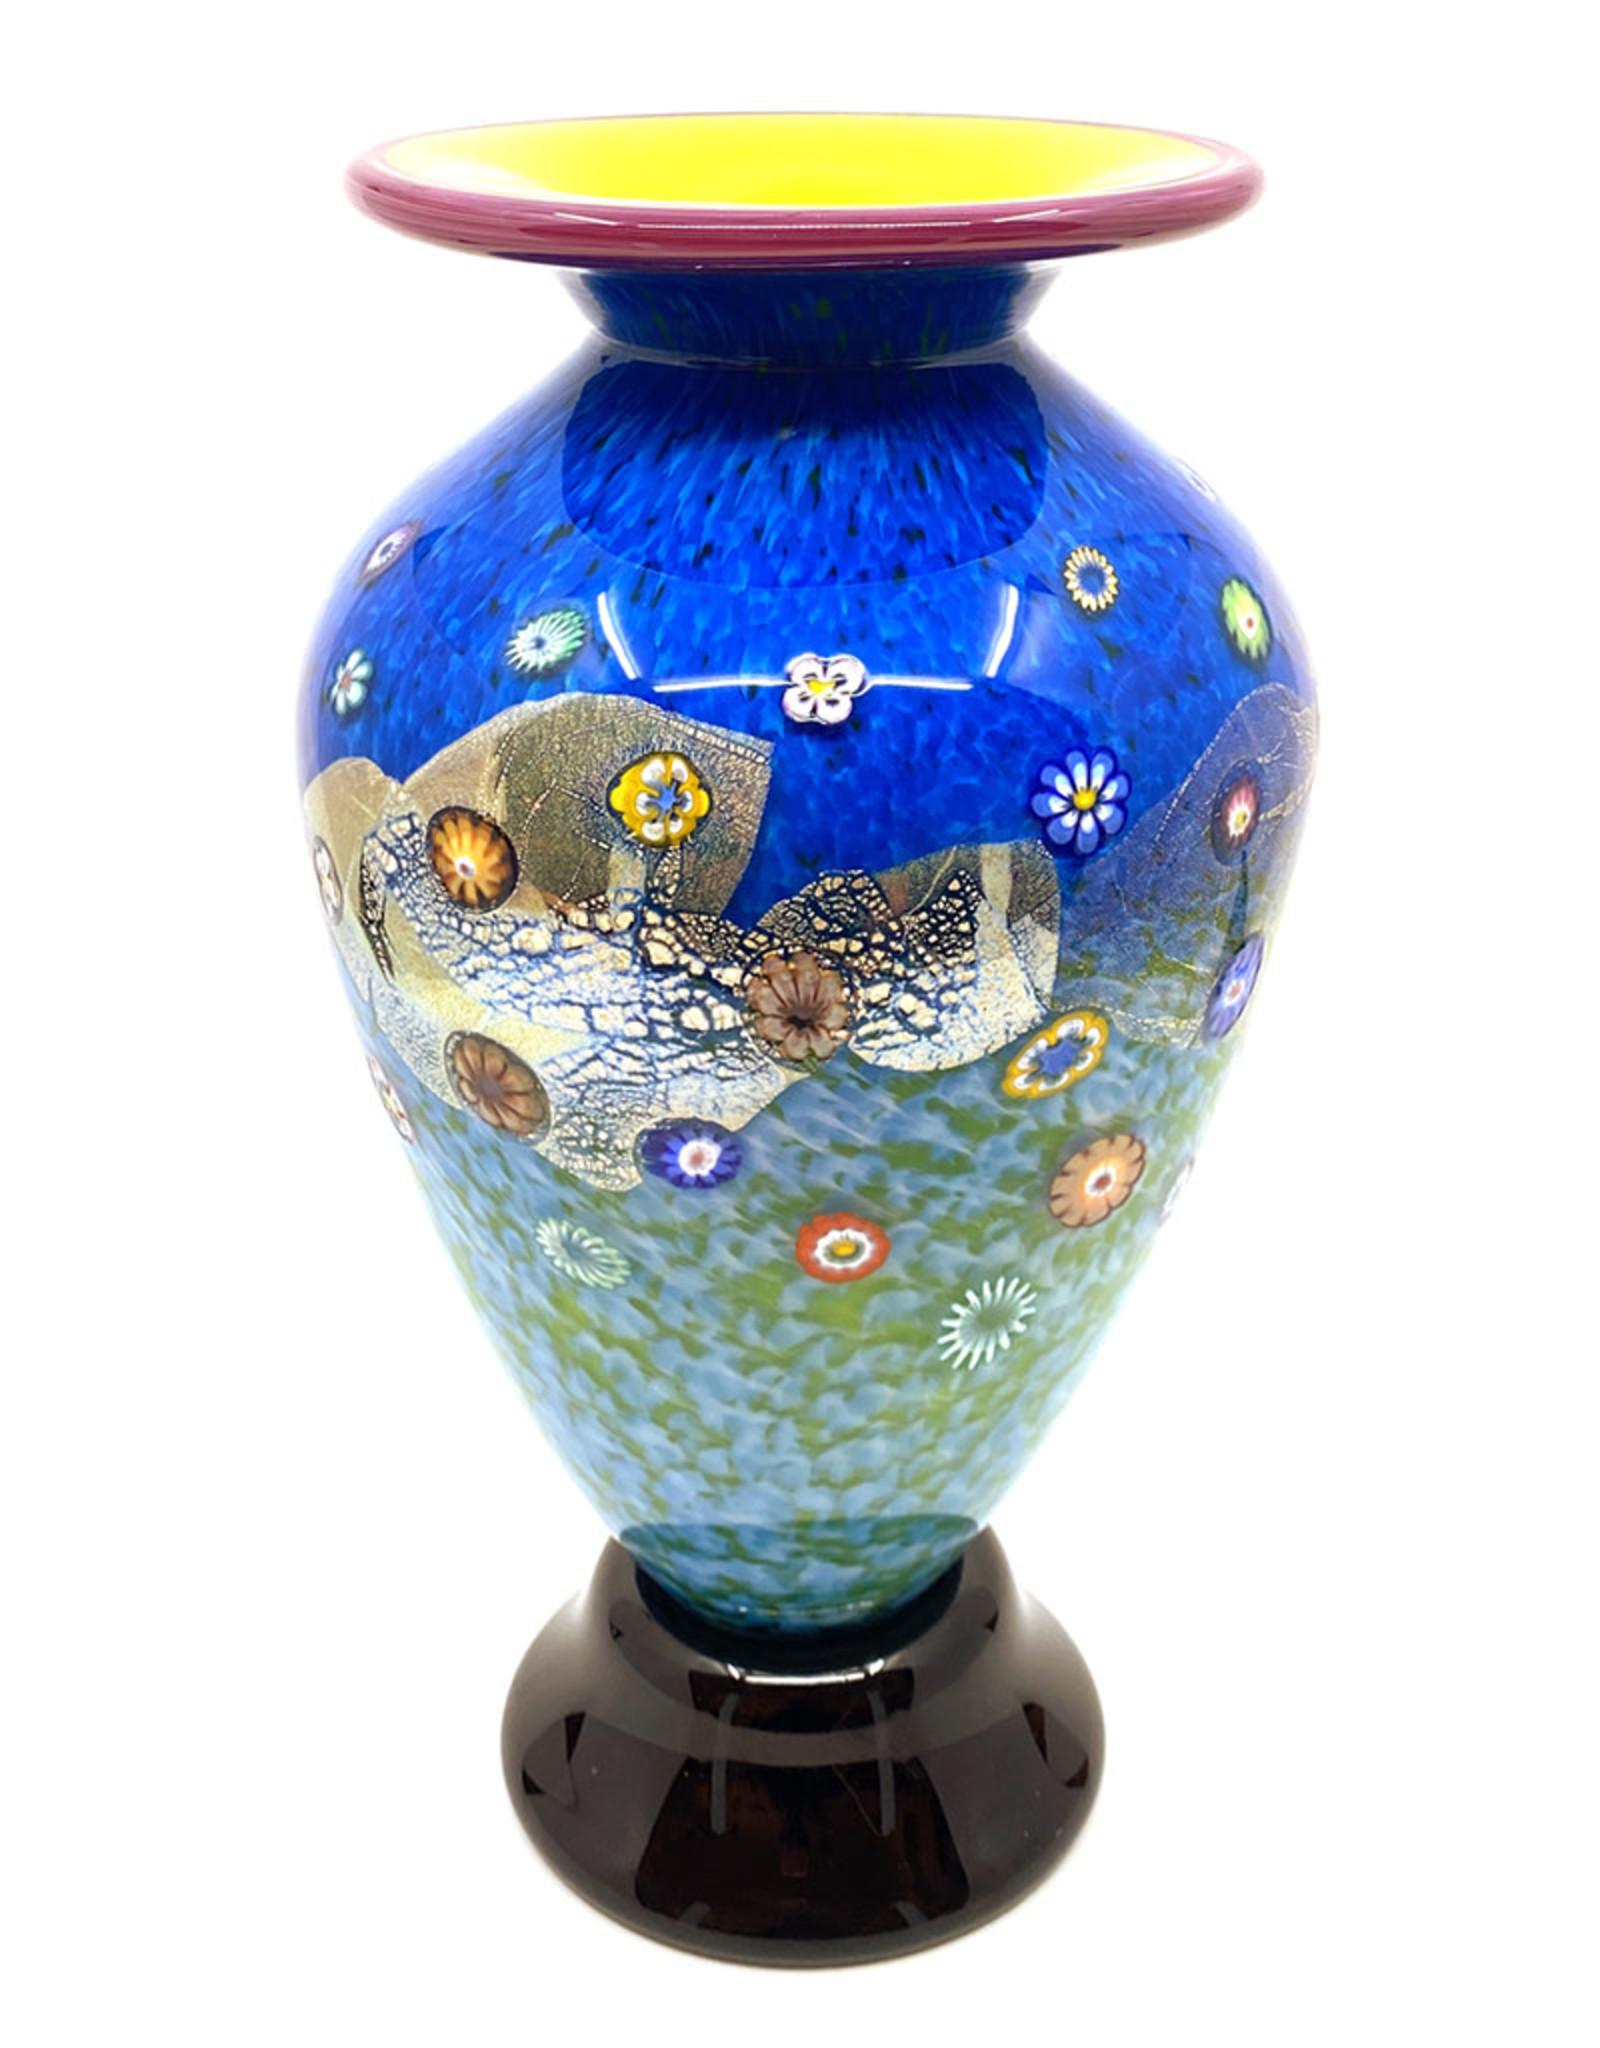 HANSON & KASTLES ART GLASS MEADOW VASE